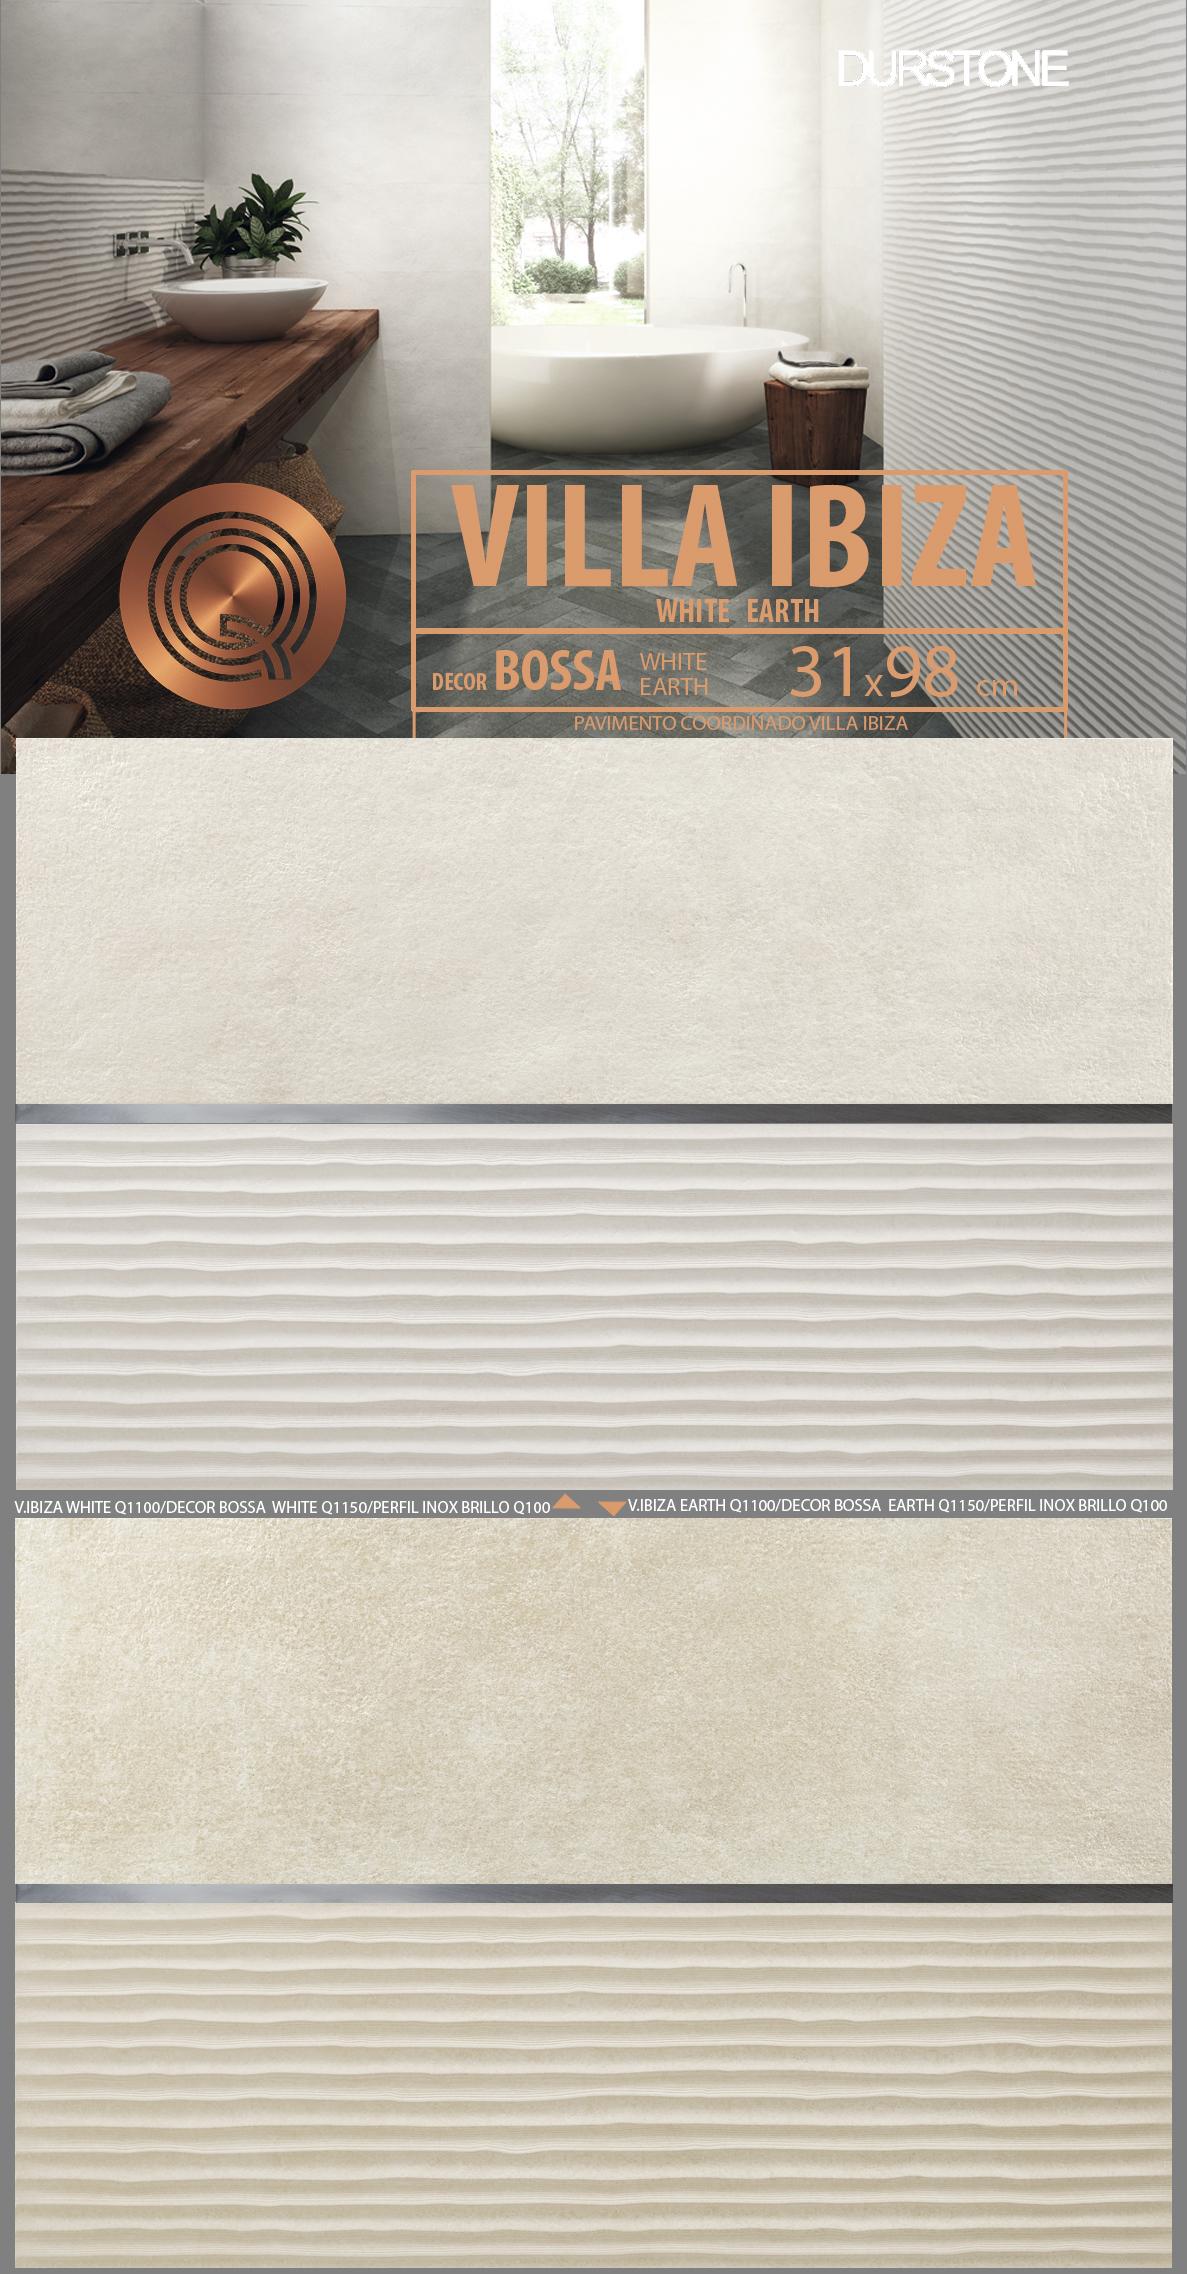 5281 RV PANEL VILLA IBIZA BOSSA Cod. 5281